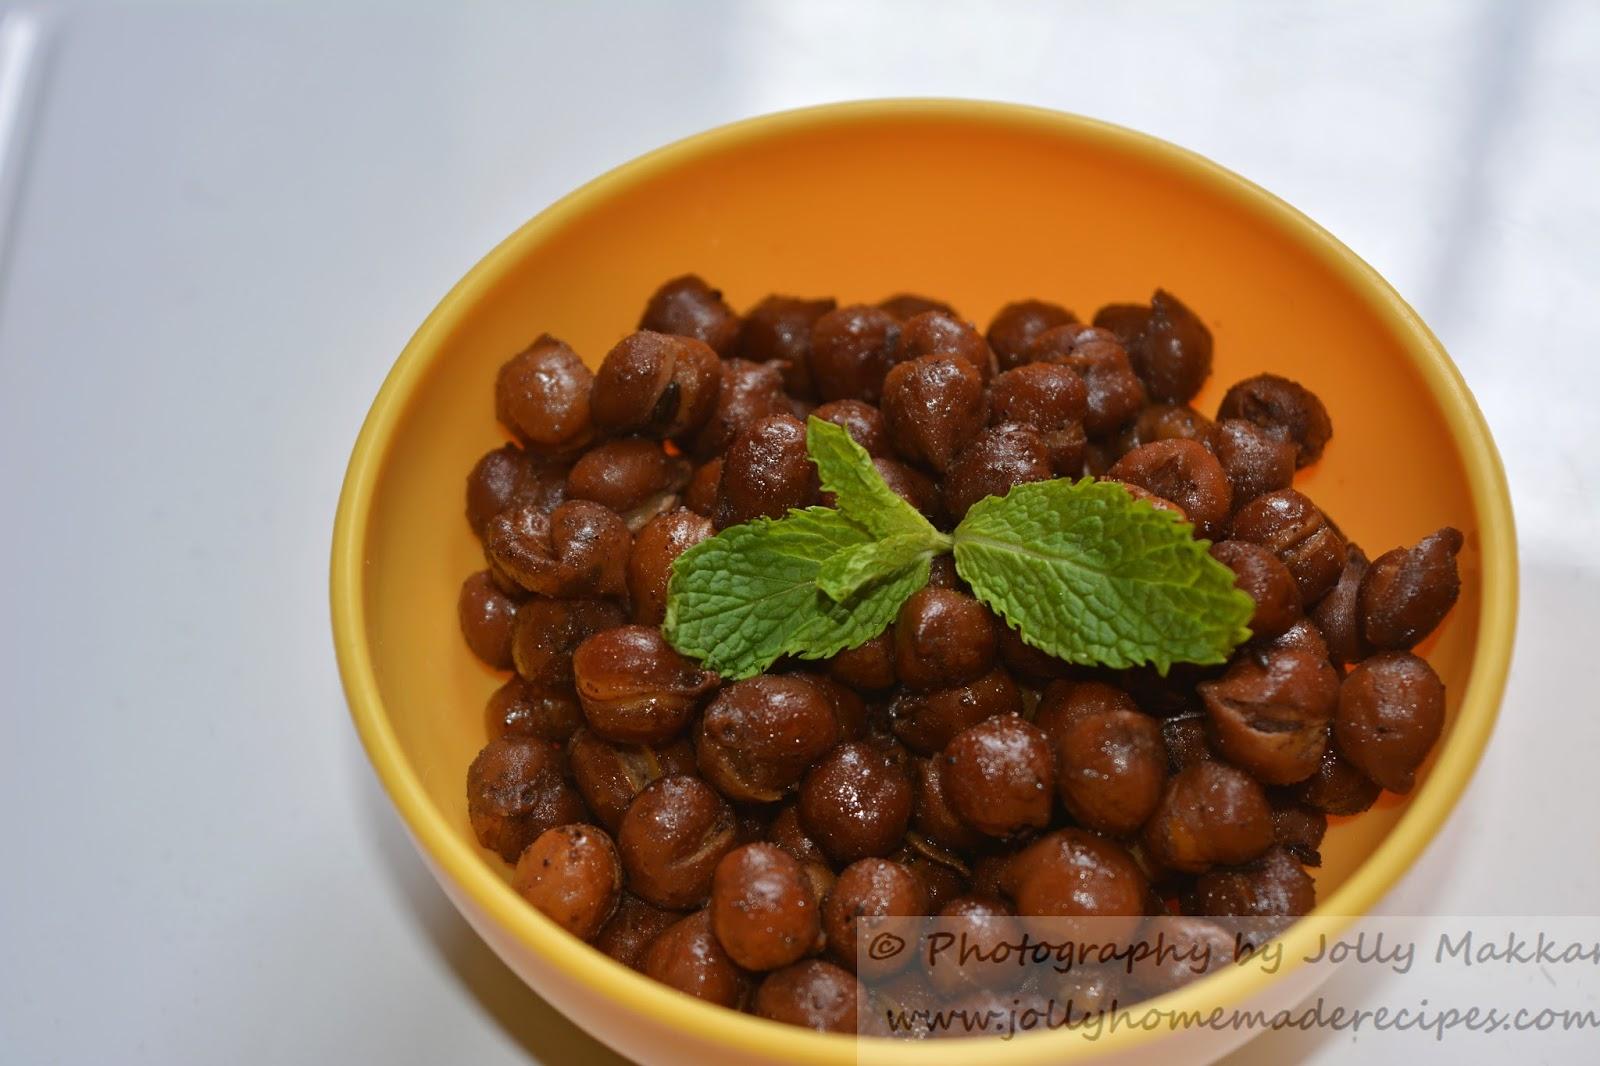 Kala Chana - Ashtami Prasad, How to make North Indian style Dry Kala Chana Recipe